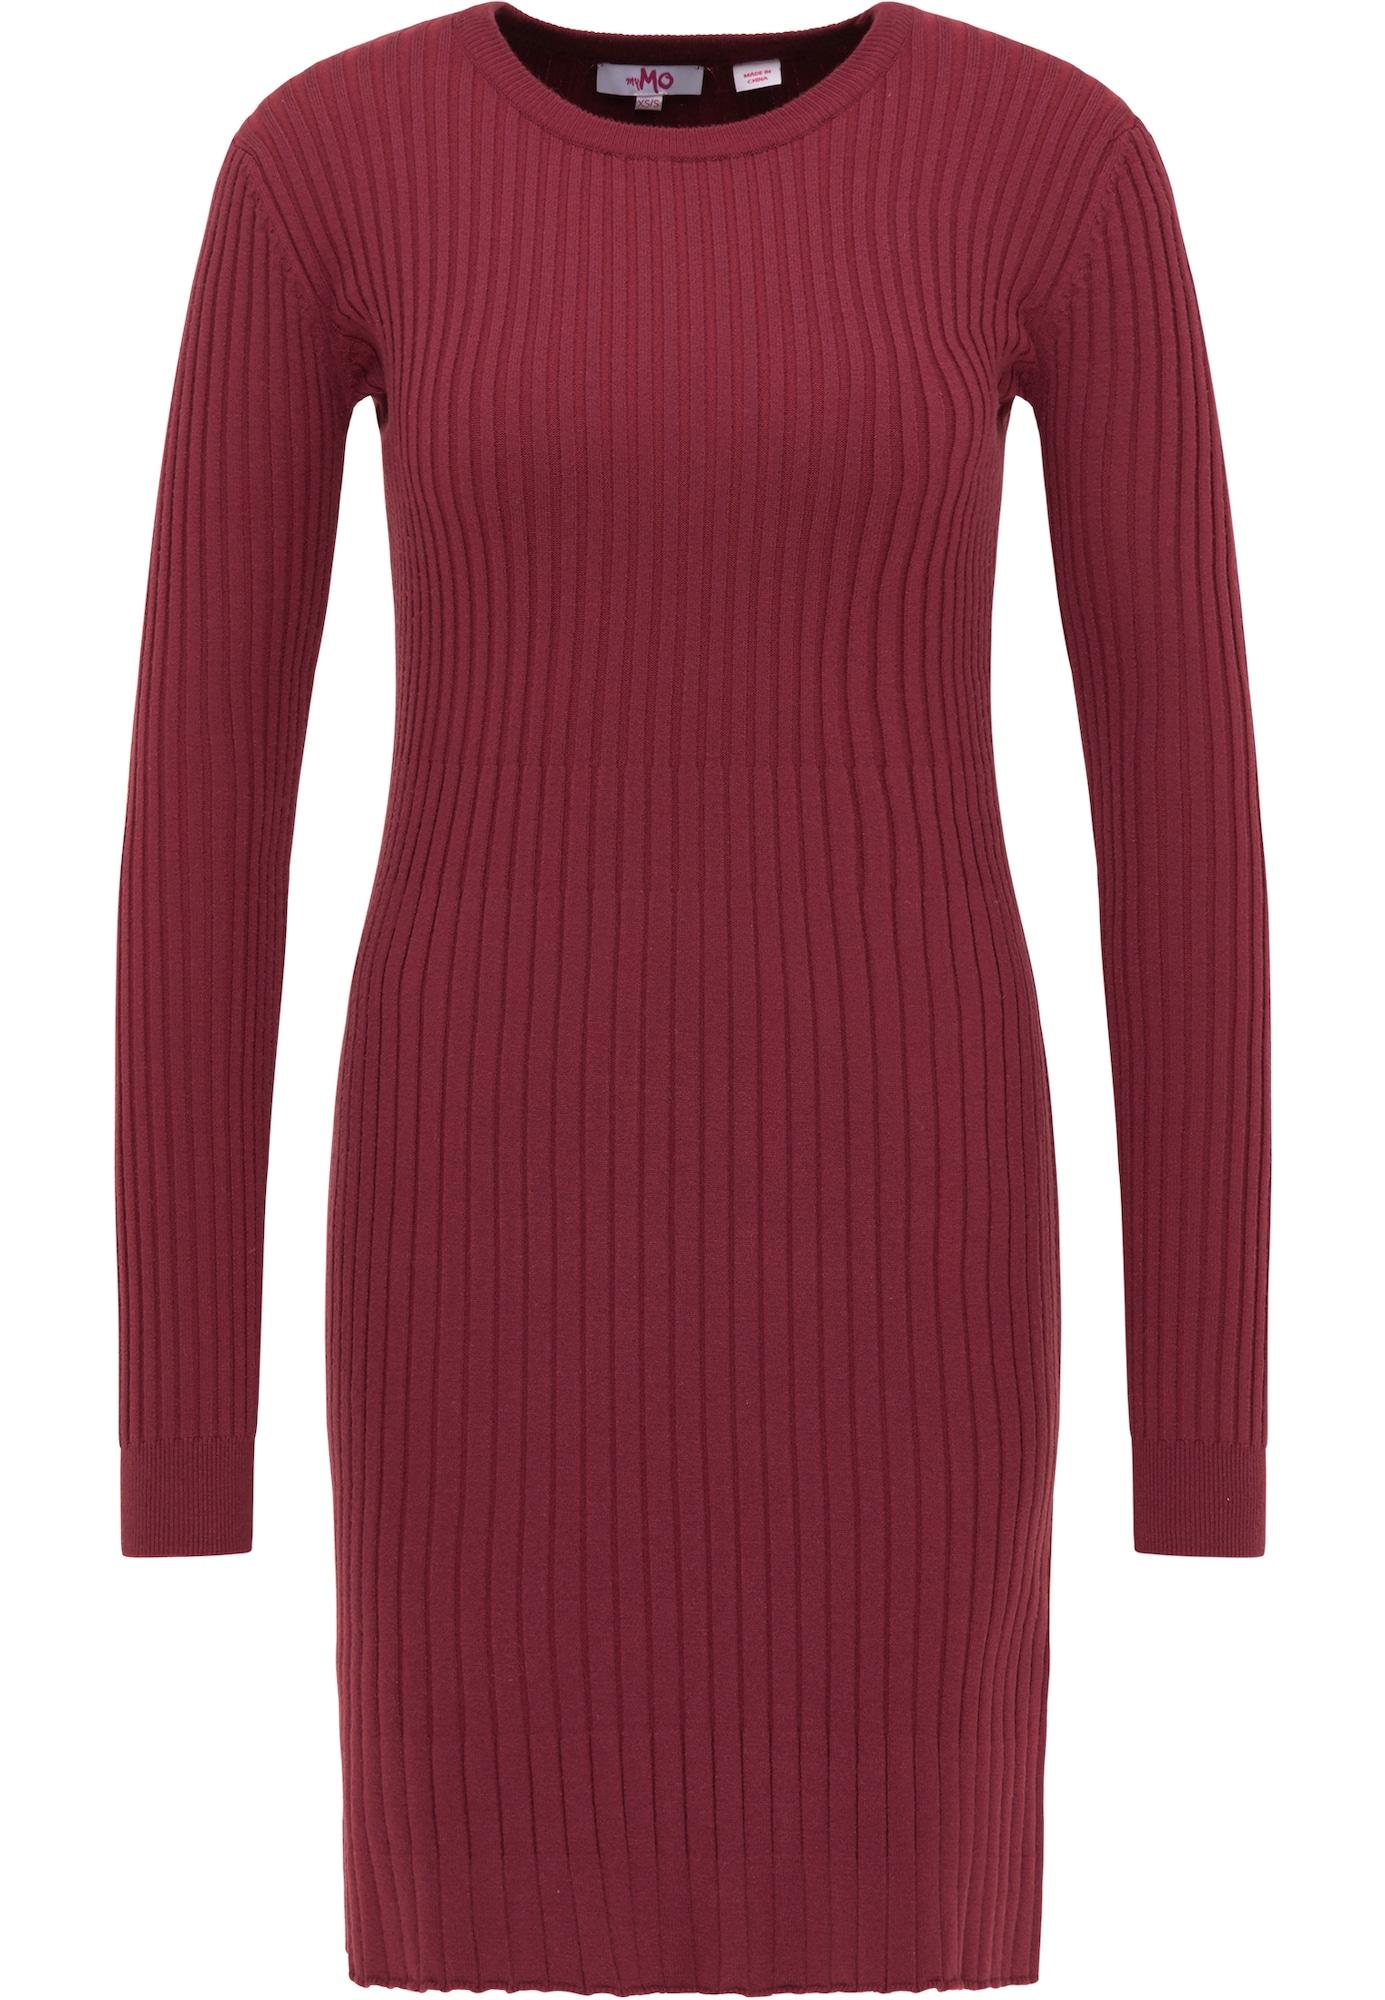 MYMO Megzta suknelė karmino raudona